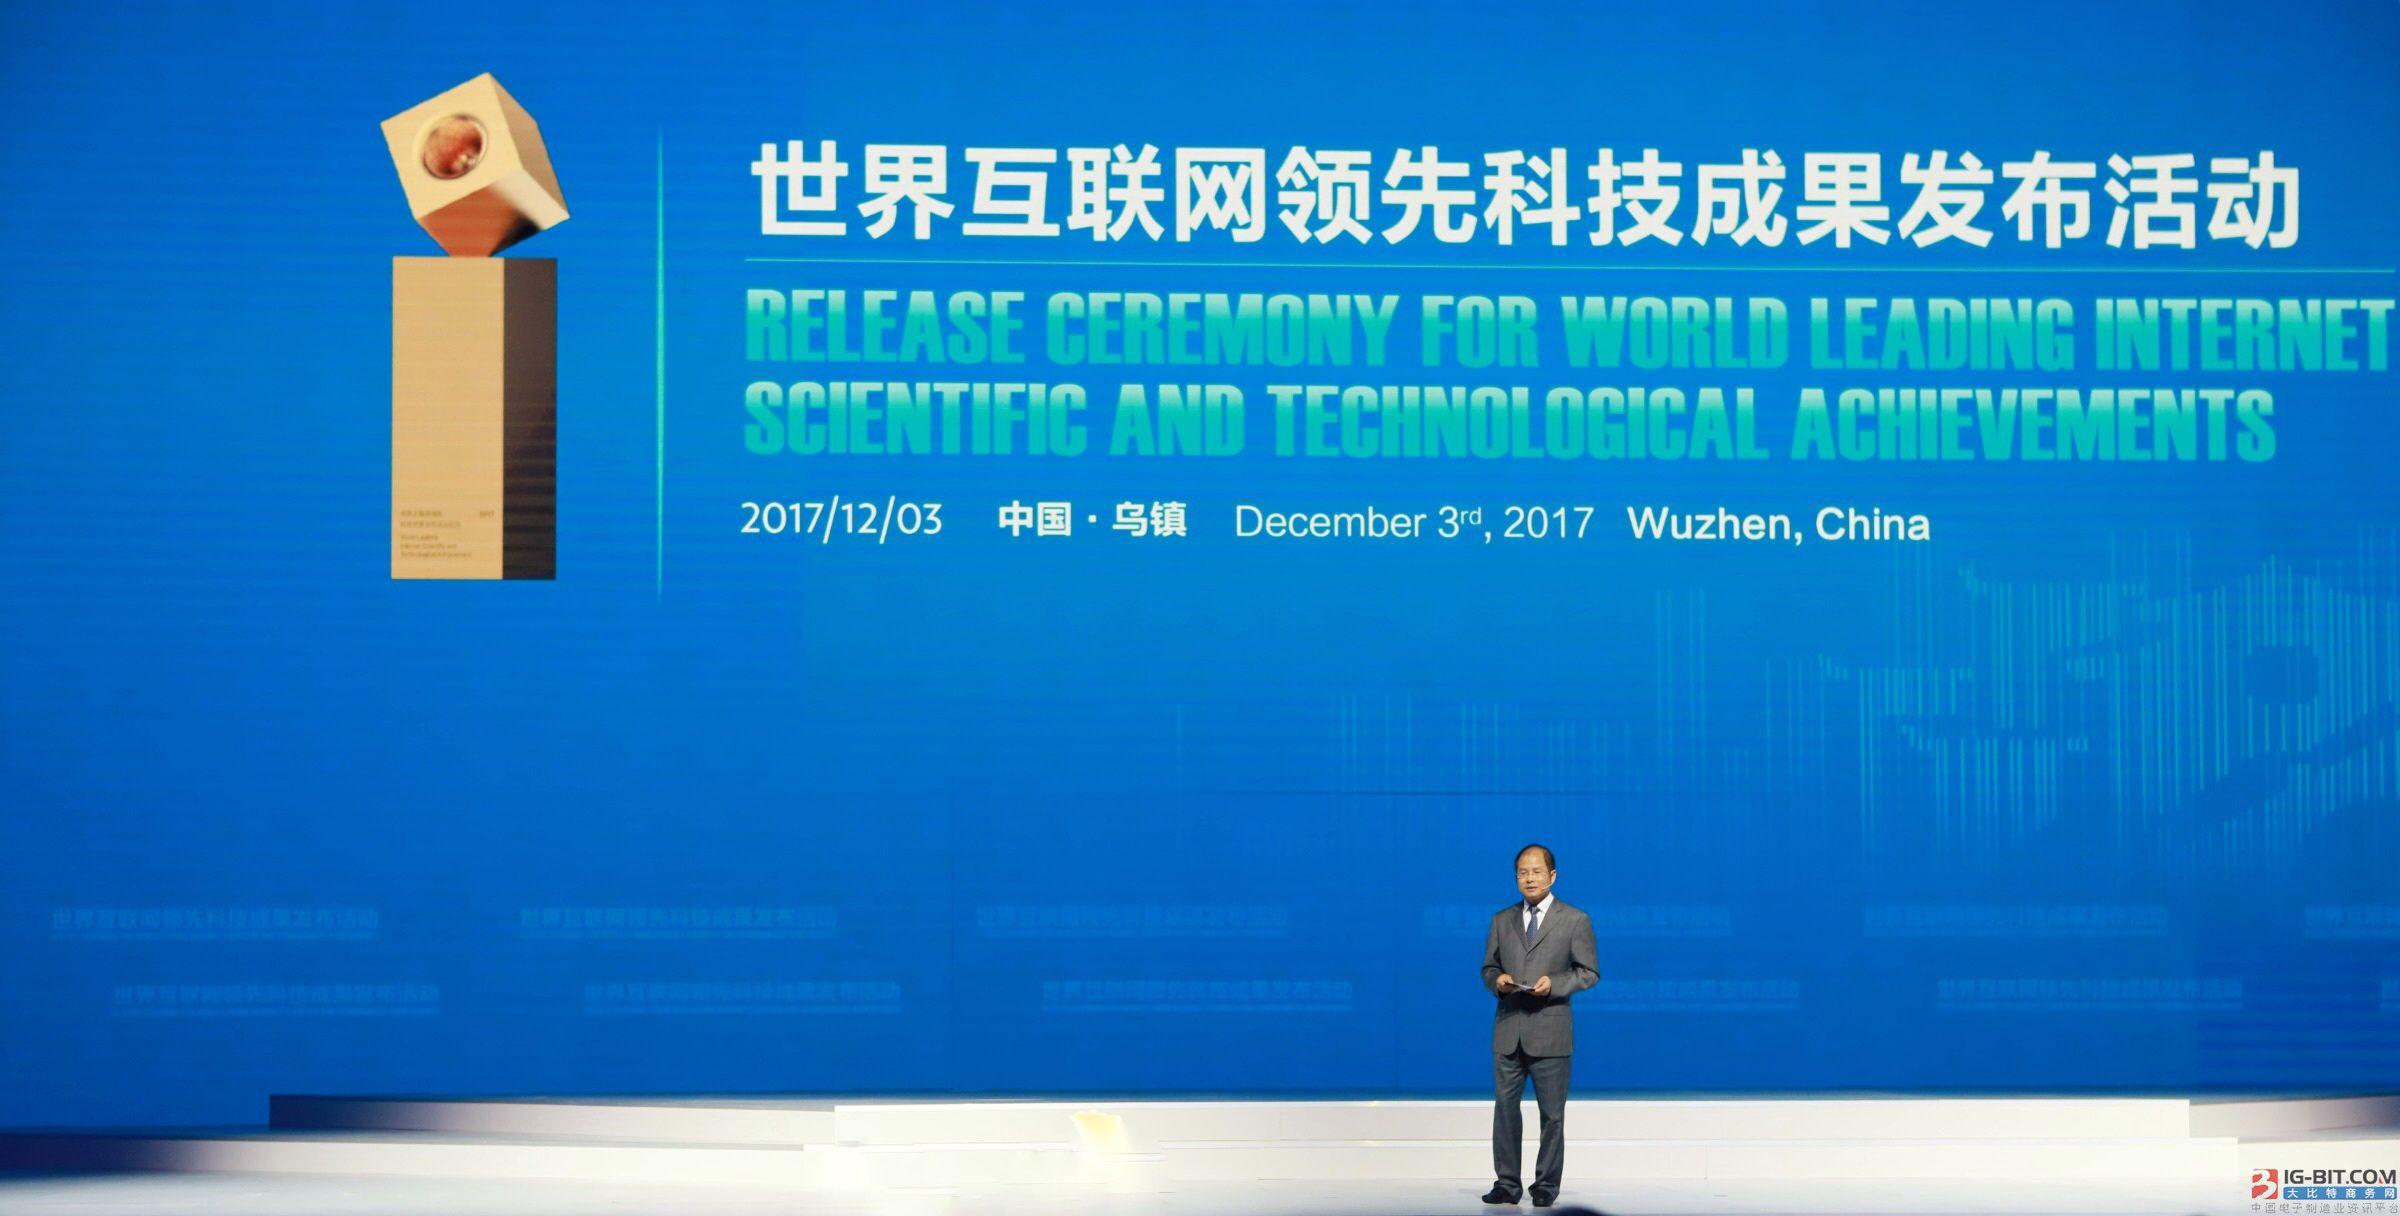 华为2019年将推出支持5G的麒麟芯片